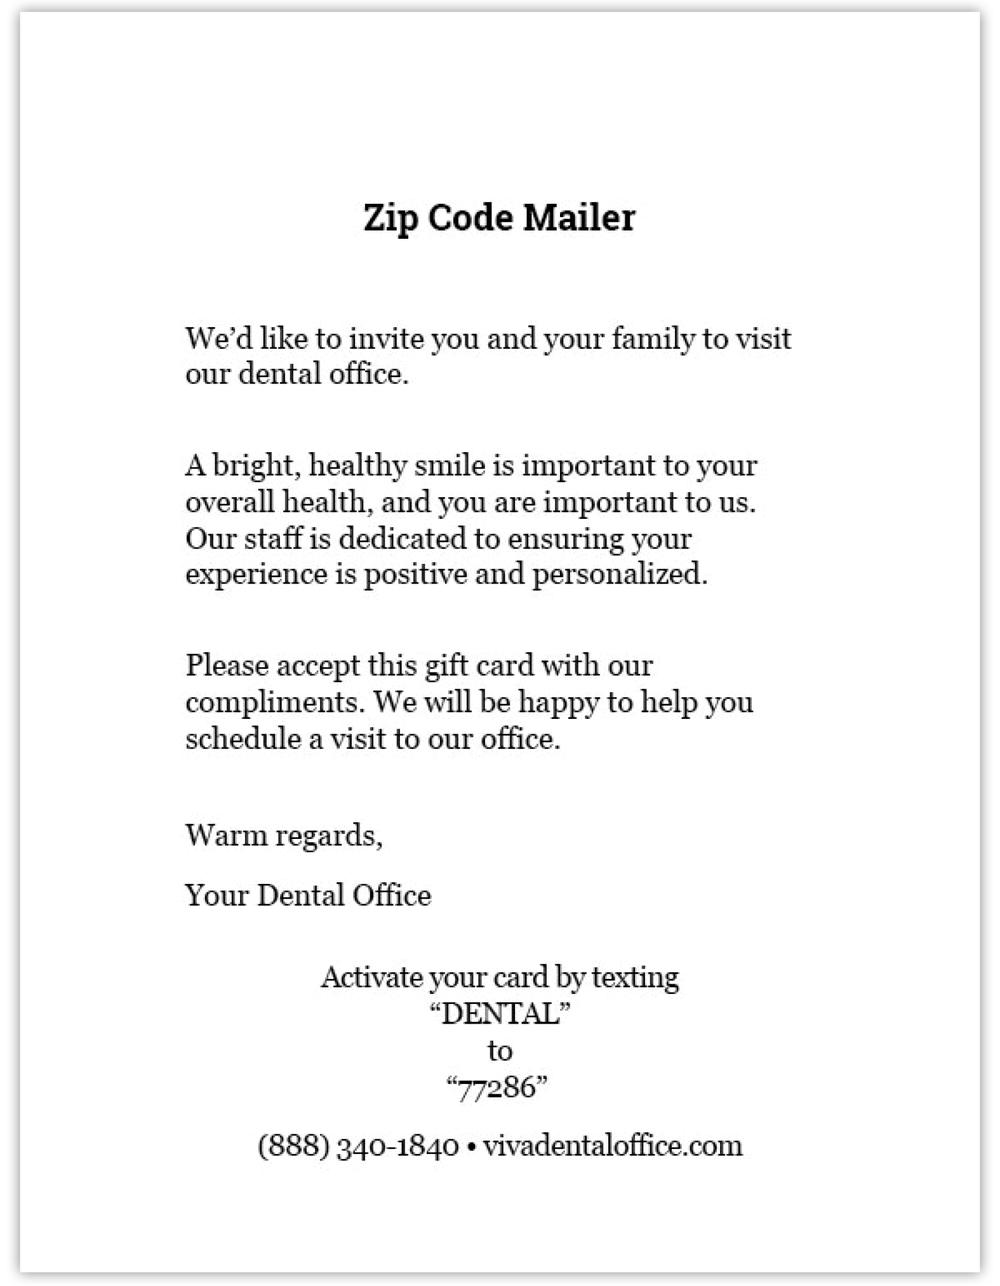 Zip Code Mailer.png